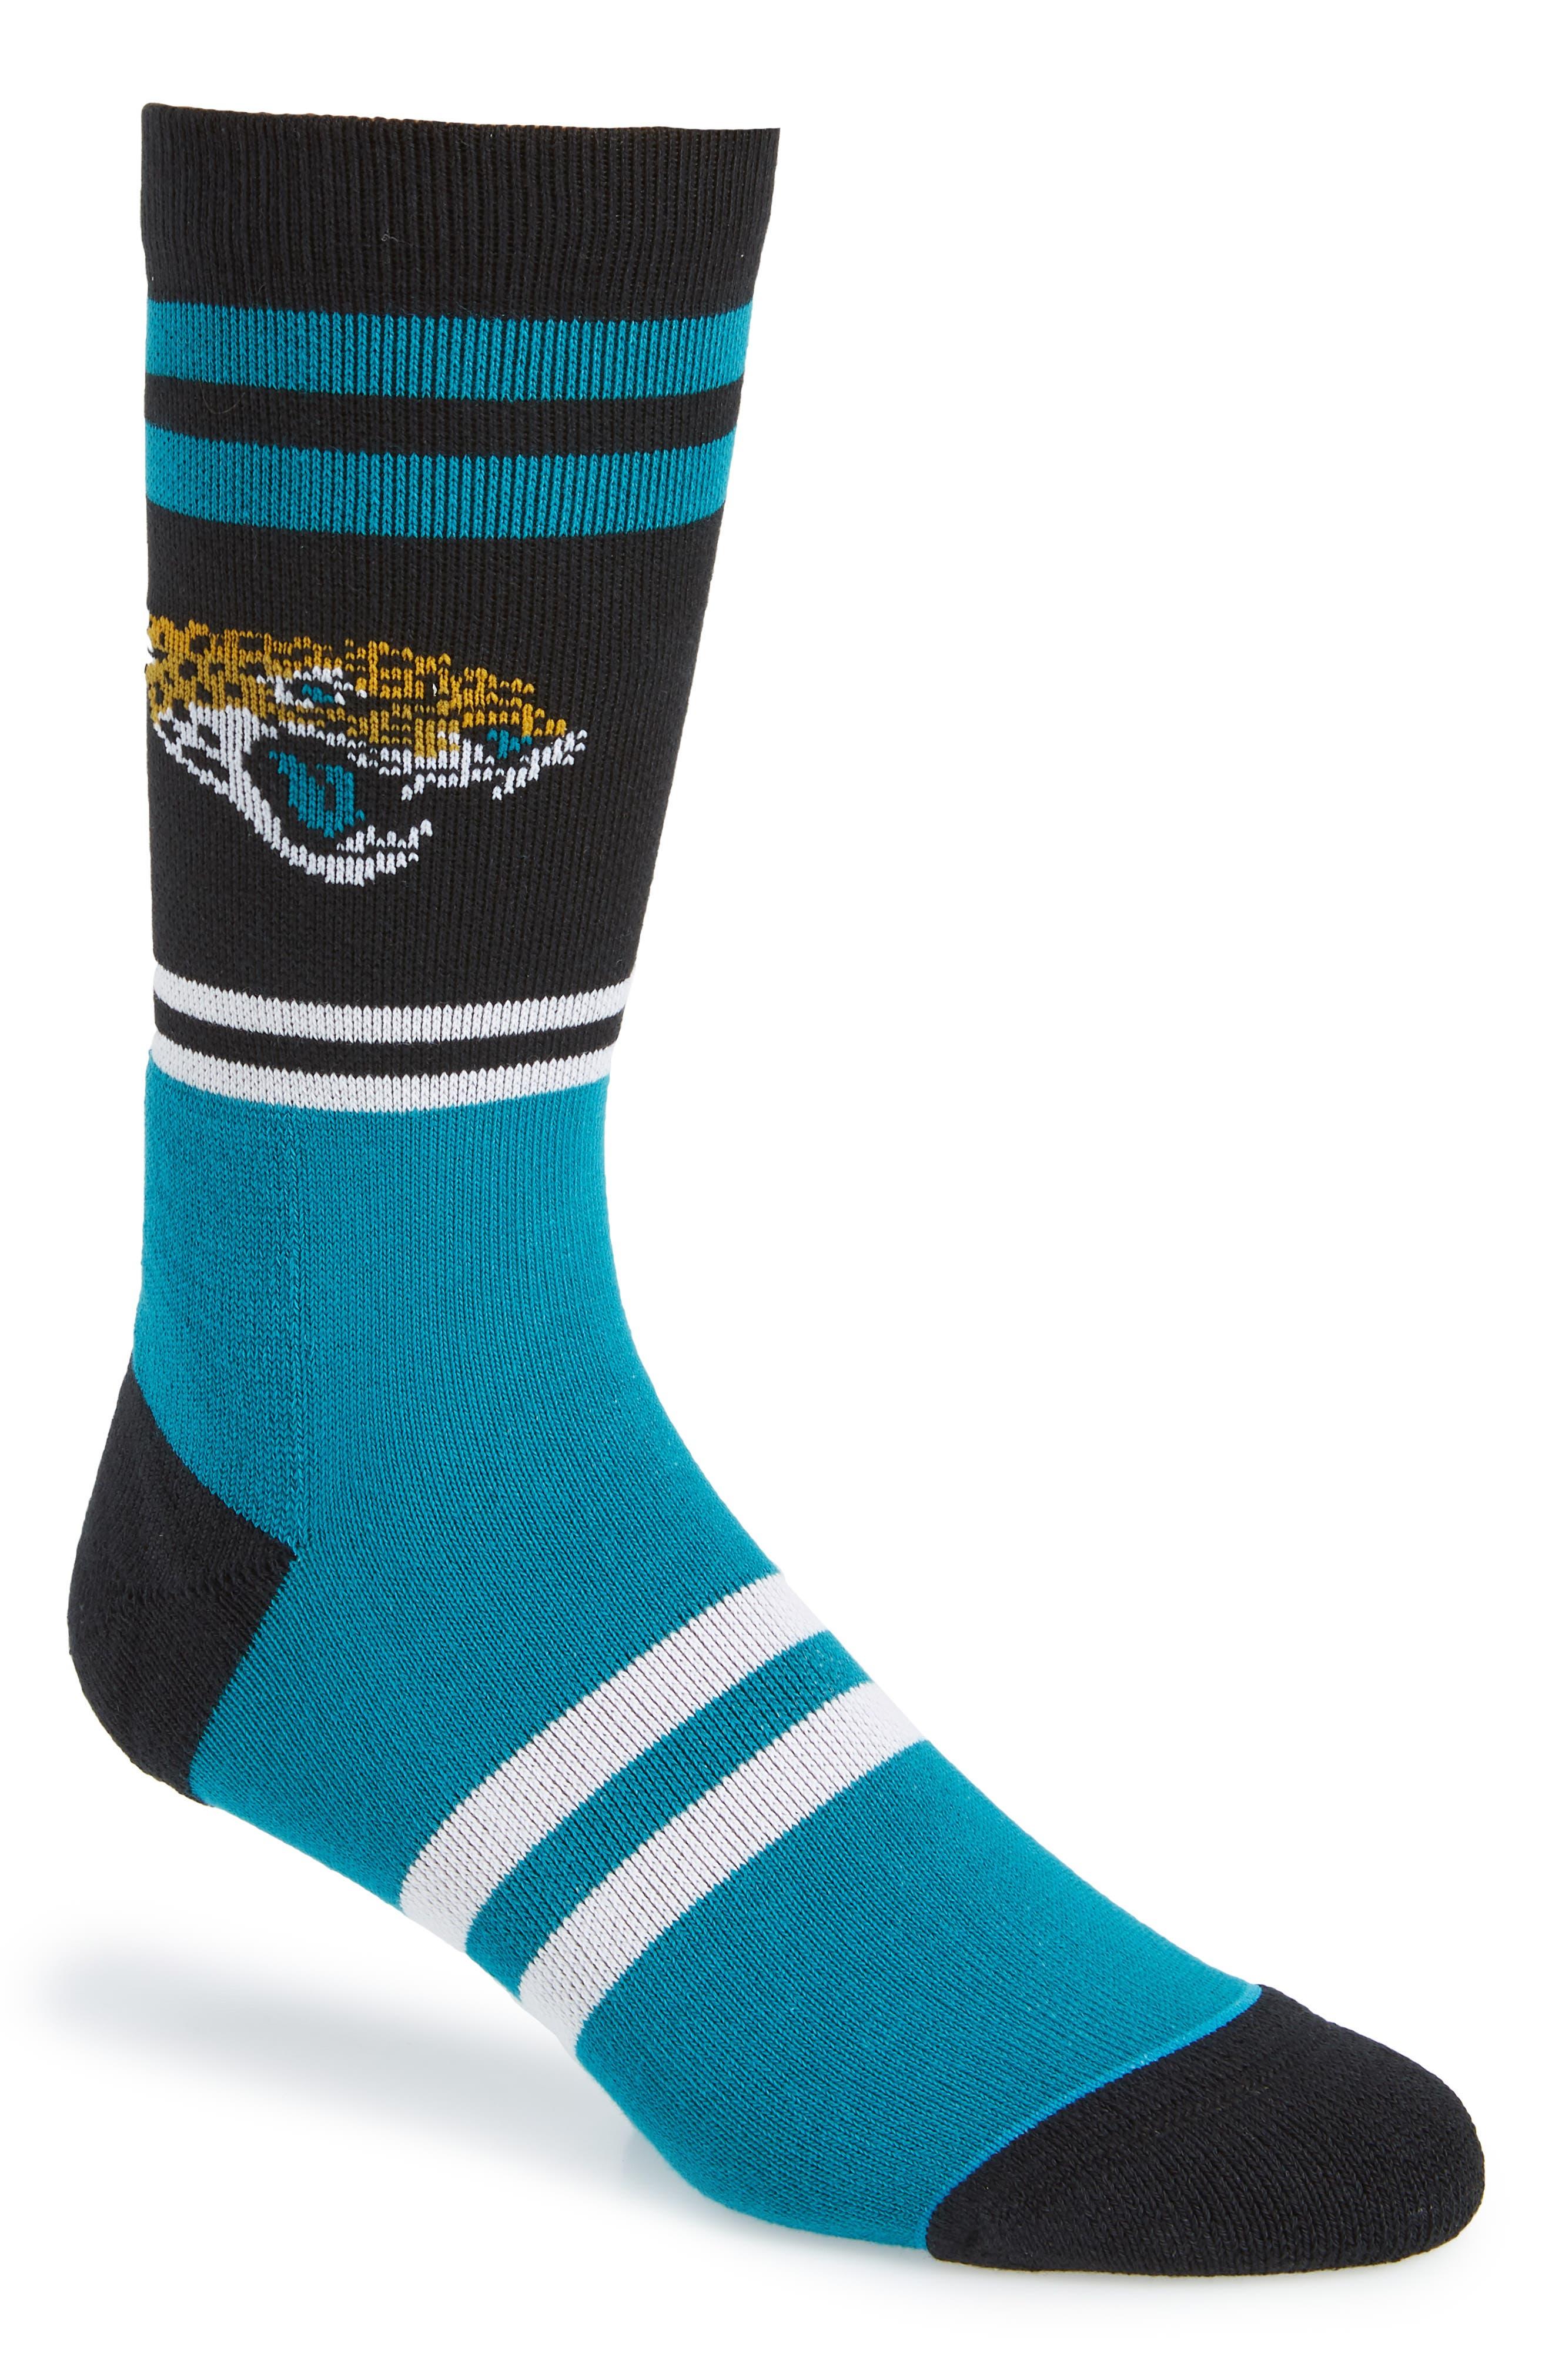 Jacksonville Jaguars Socks,                             Main thumbnail 1, color,                             BLACK